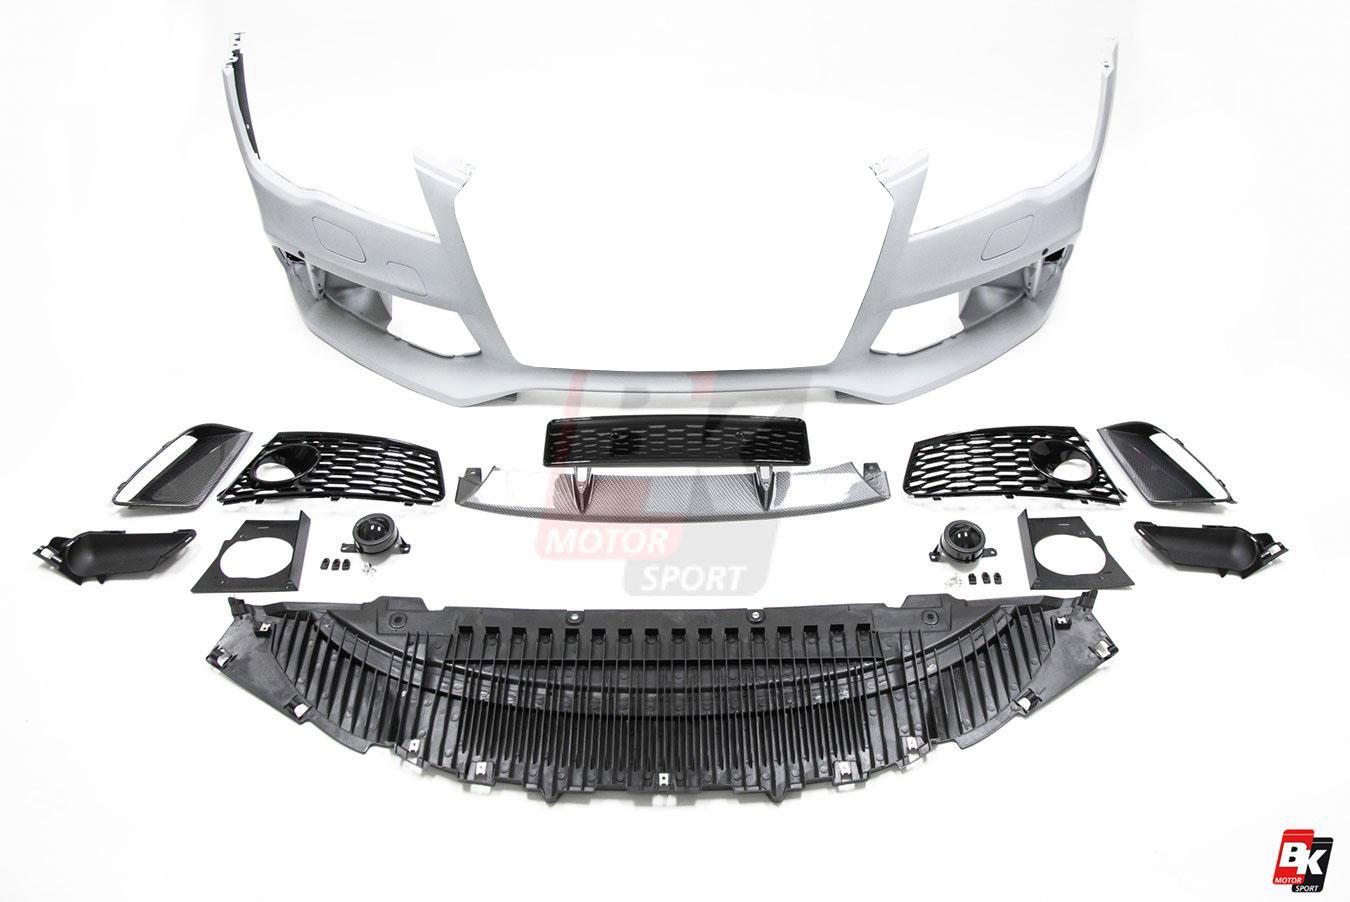 Bkm Front Bumper Kit Carbon Fits Audi A7 S7 C7 0 Bk Motorsport